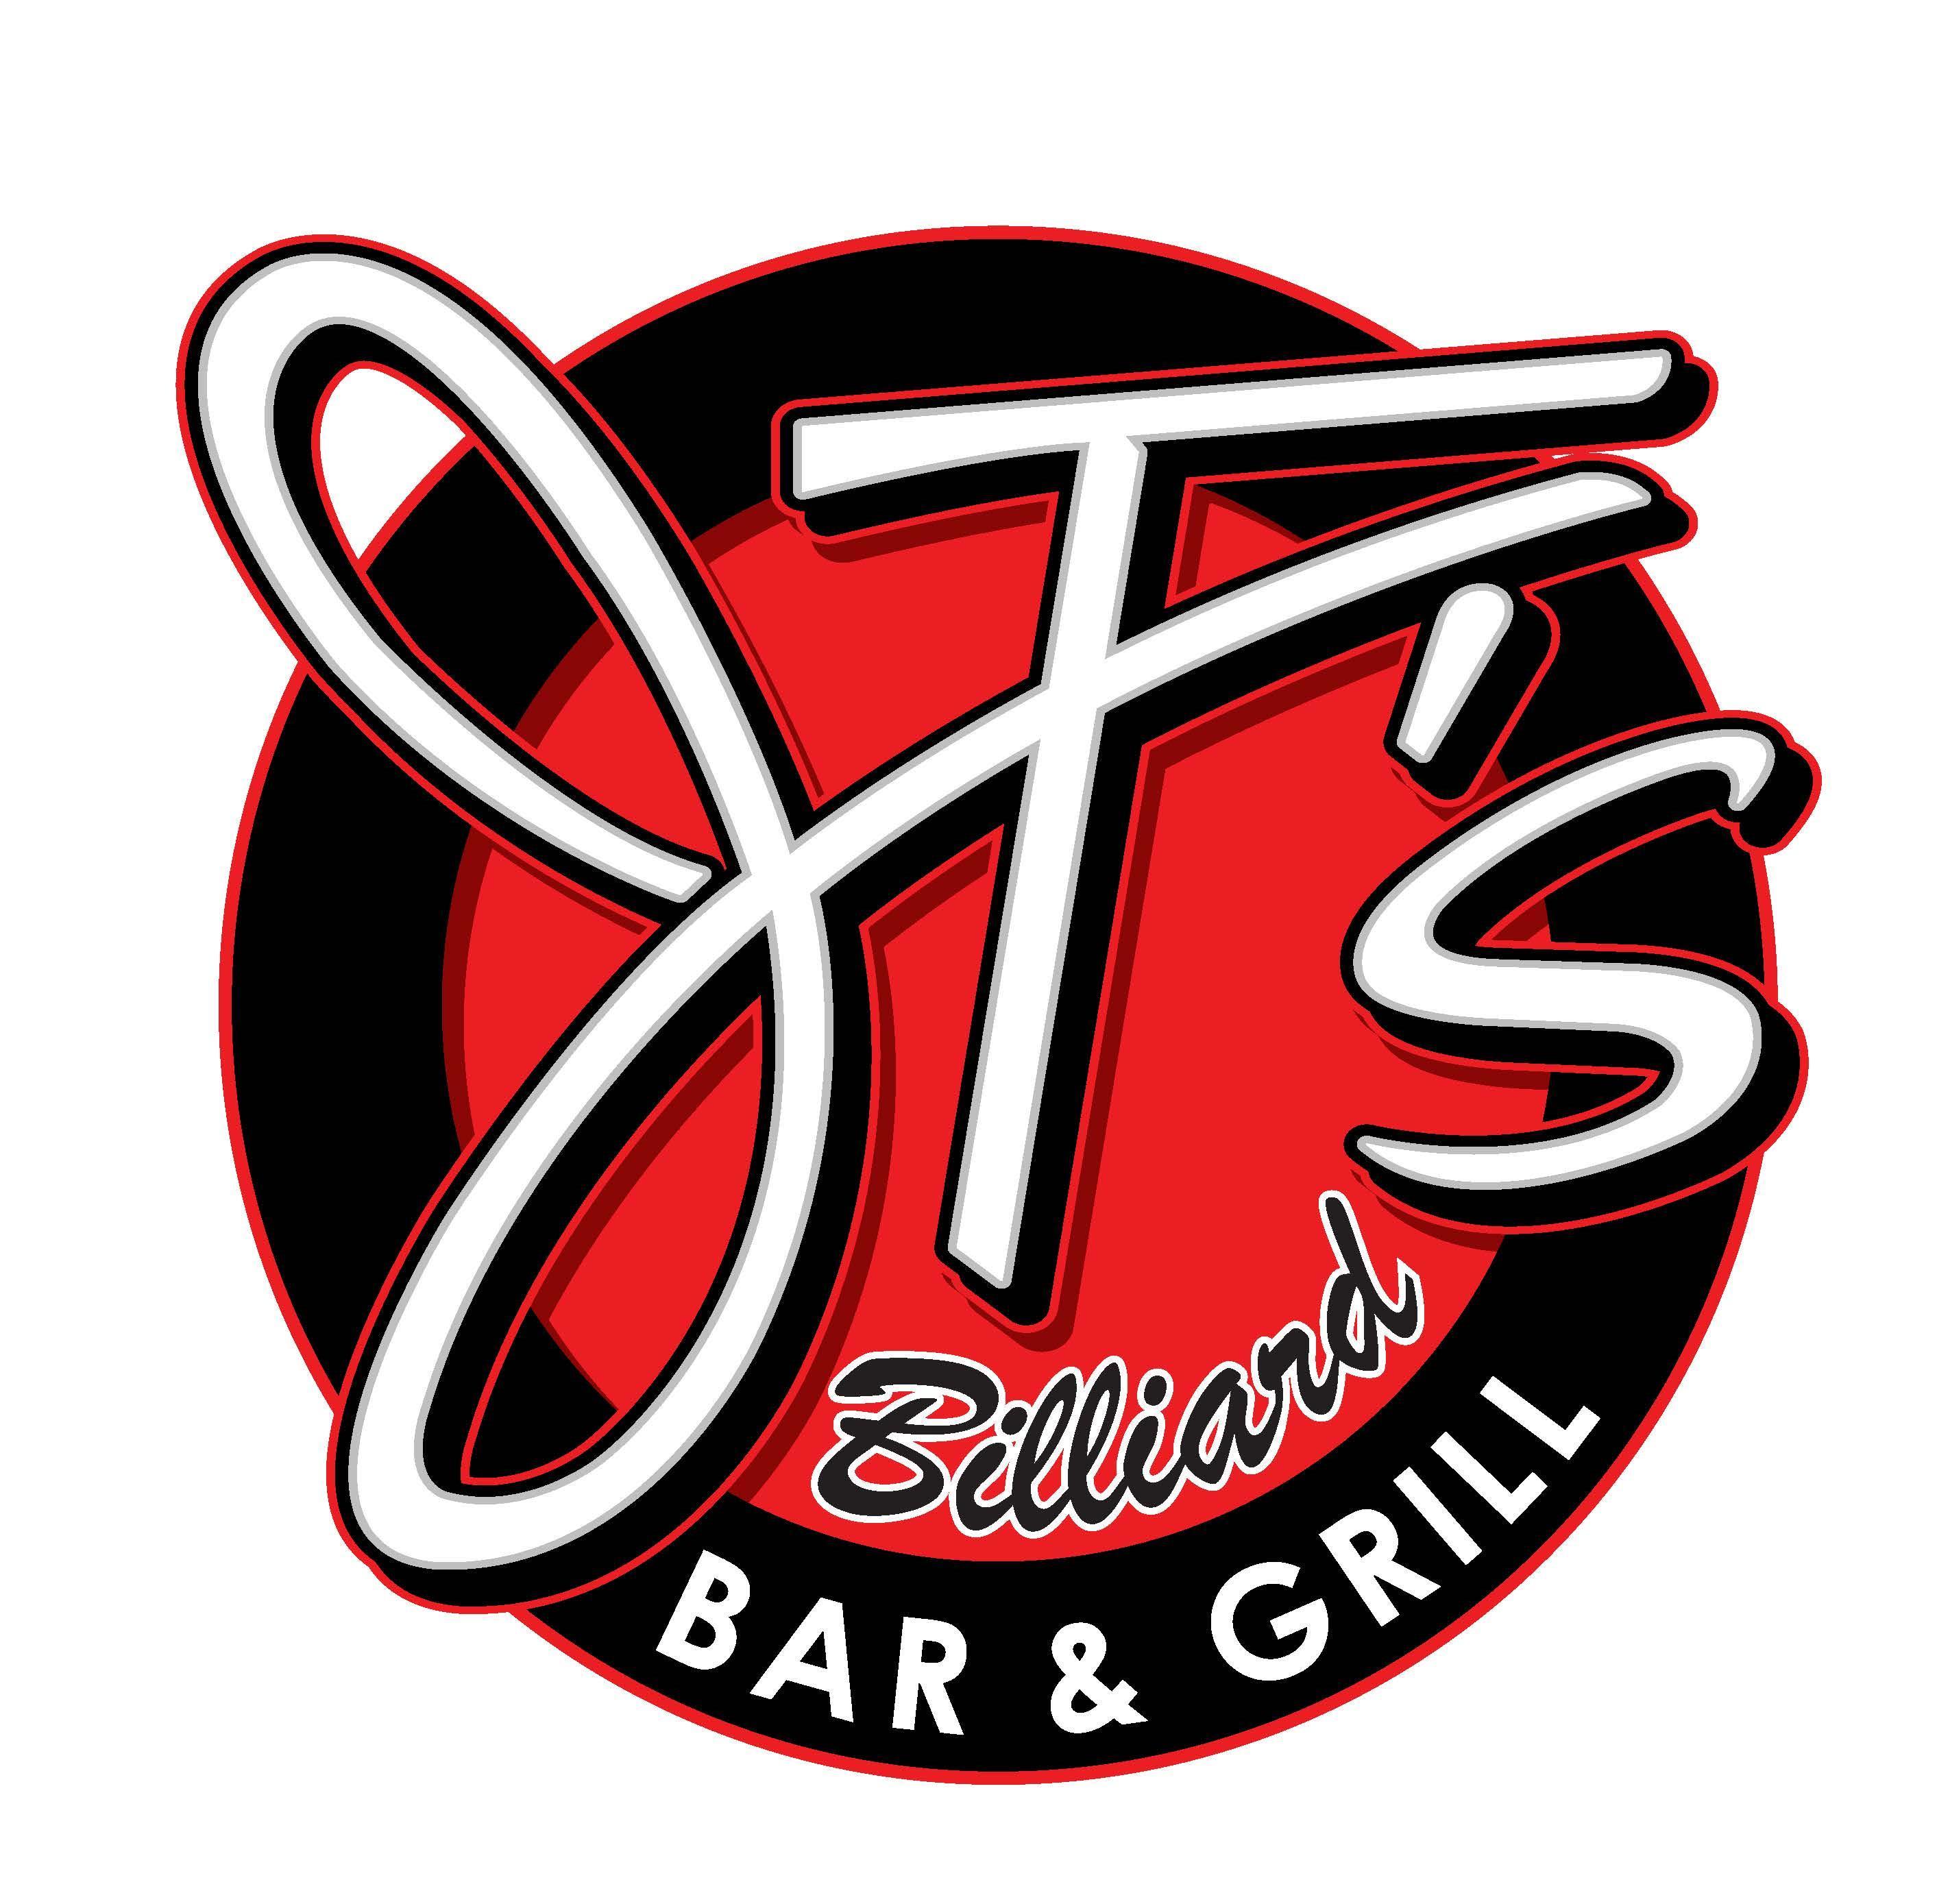 JT's Billiard Bar & Grill